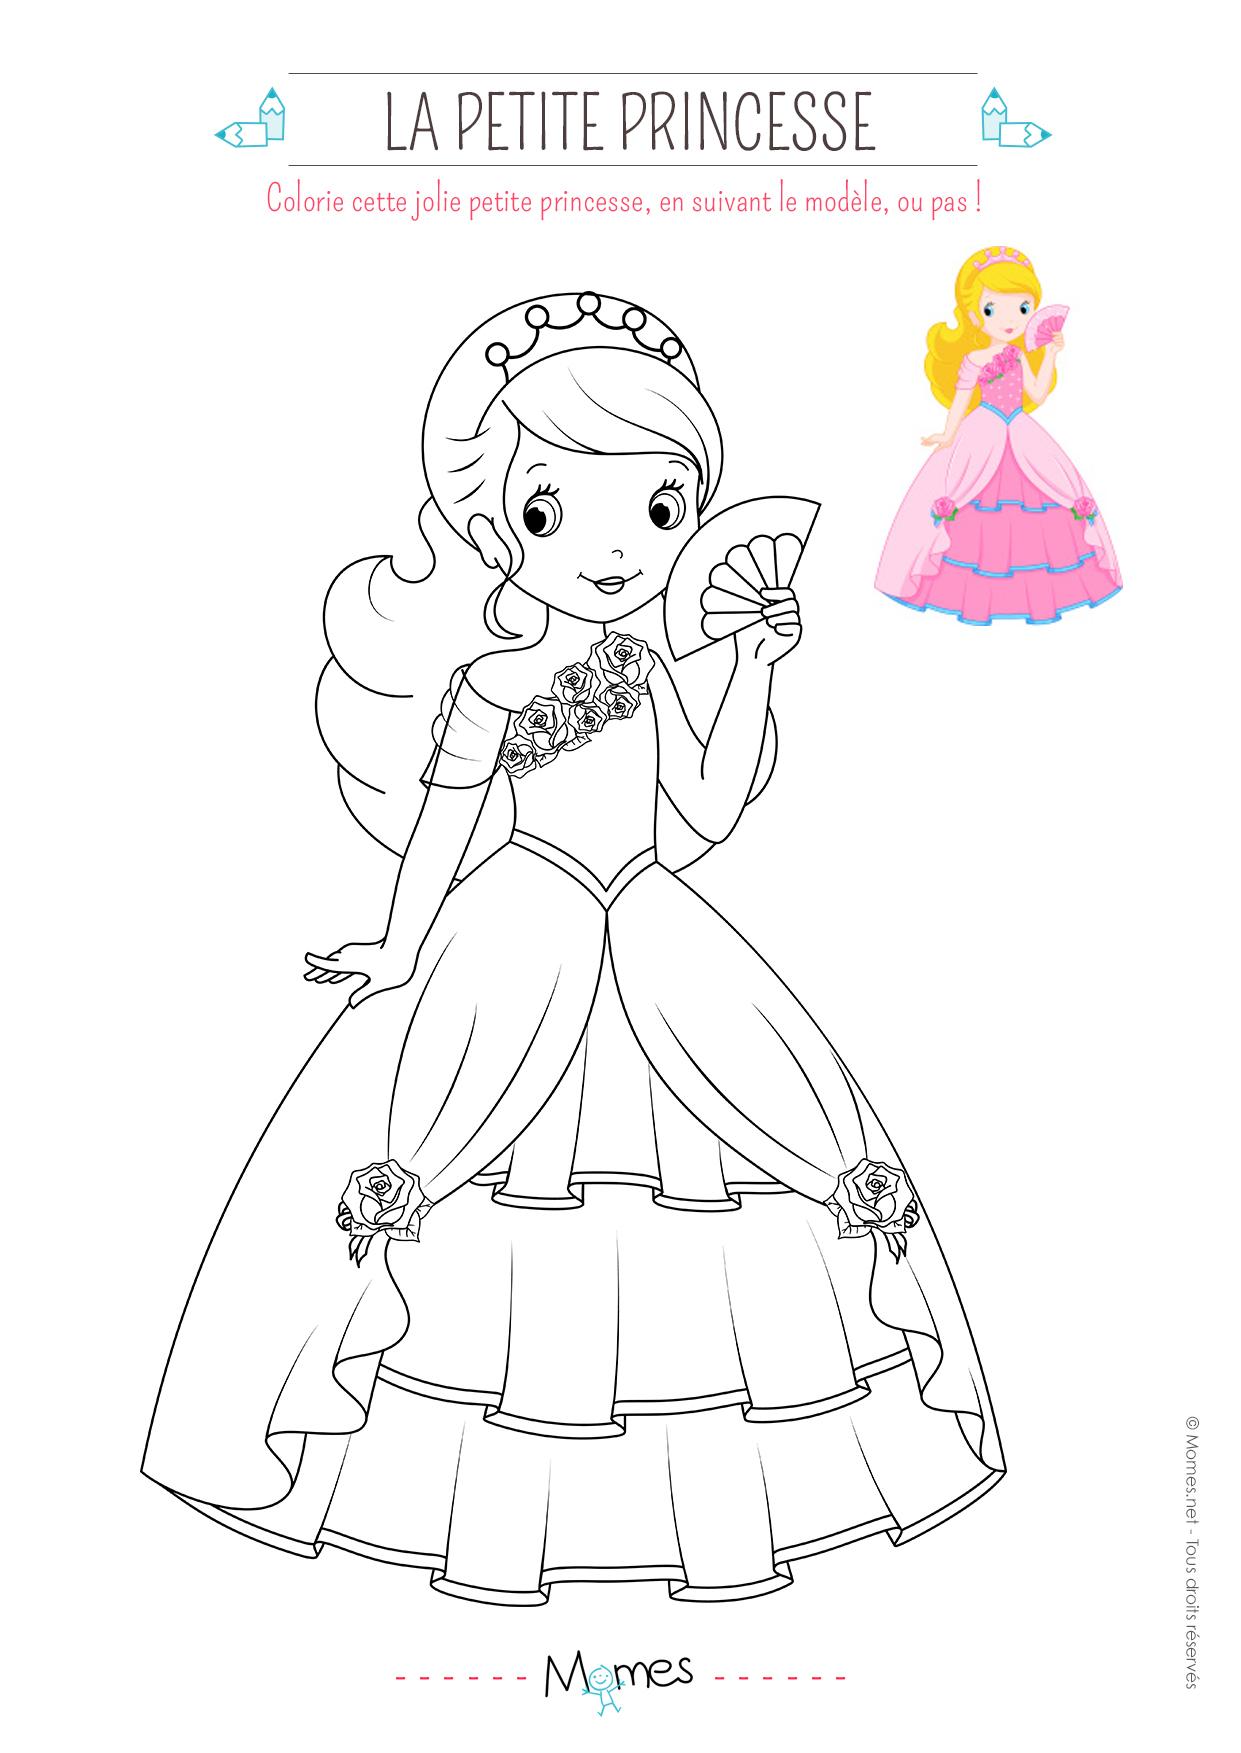 Coloriage De Princesse Avec Modèle - Momes concernant Coloriage À Imprimer Chateau De Princesse